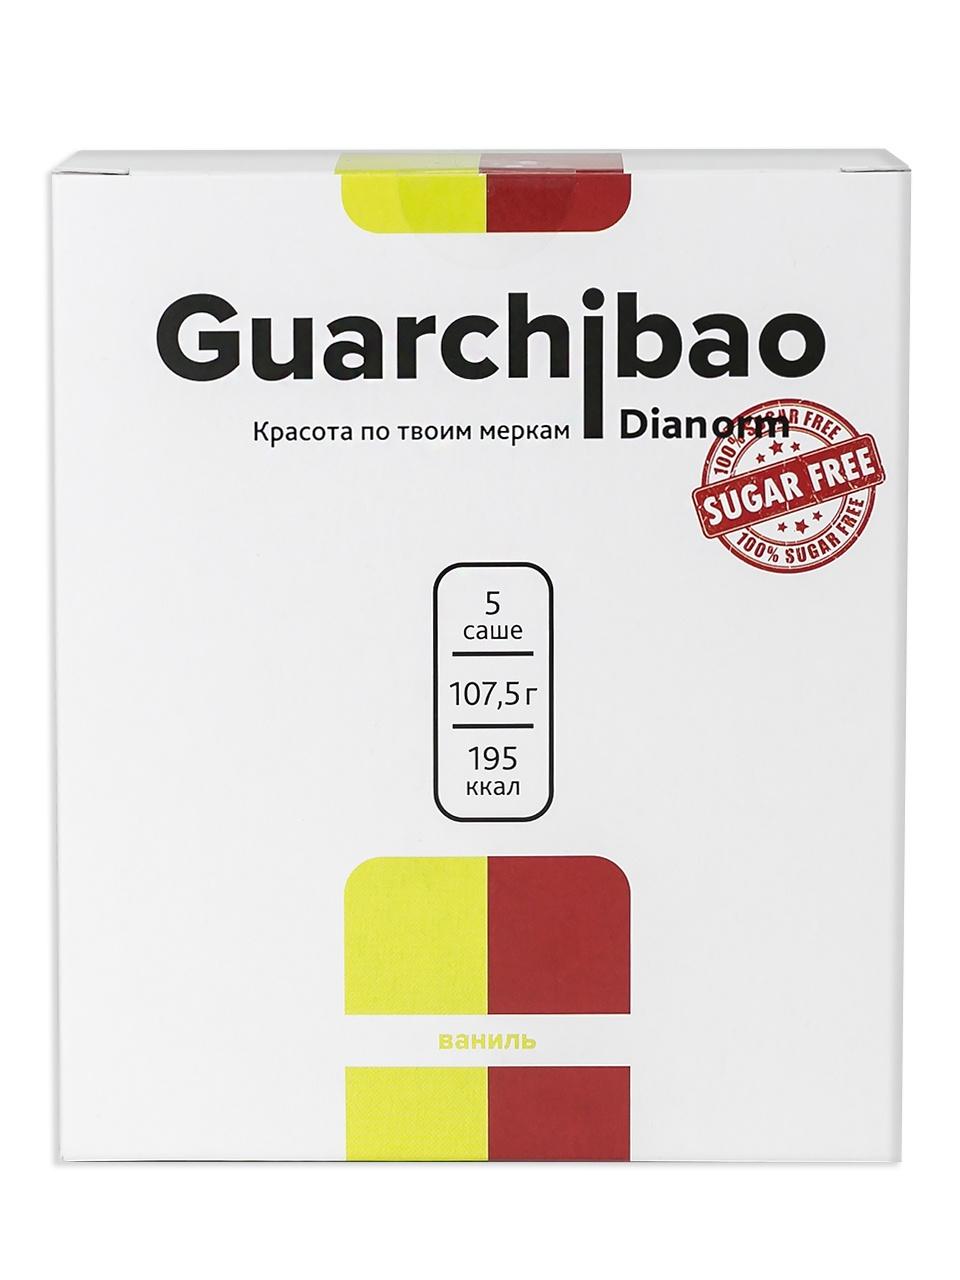 Саше для похудения Guarchibao Dianorm со вкусом ванили 5 саше